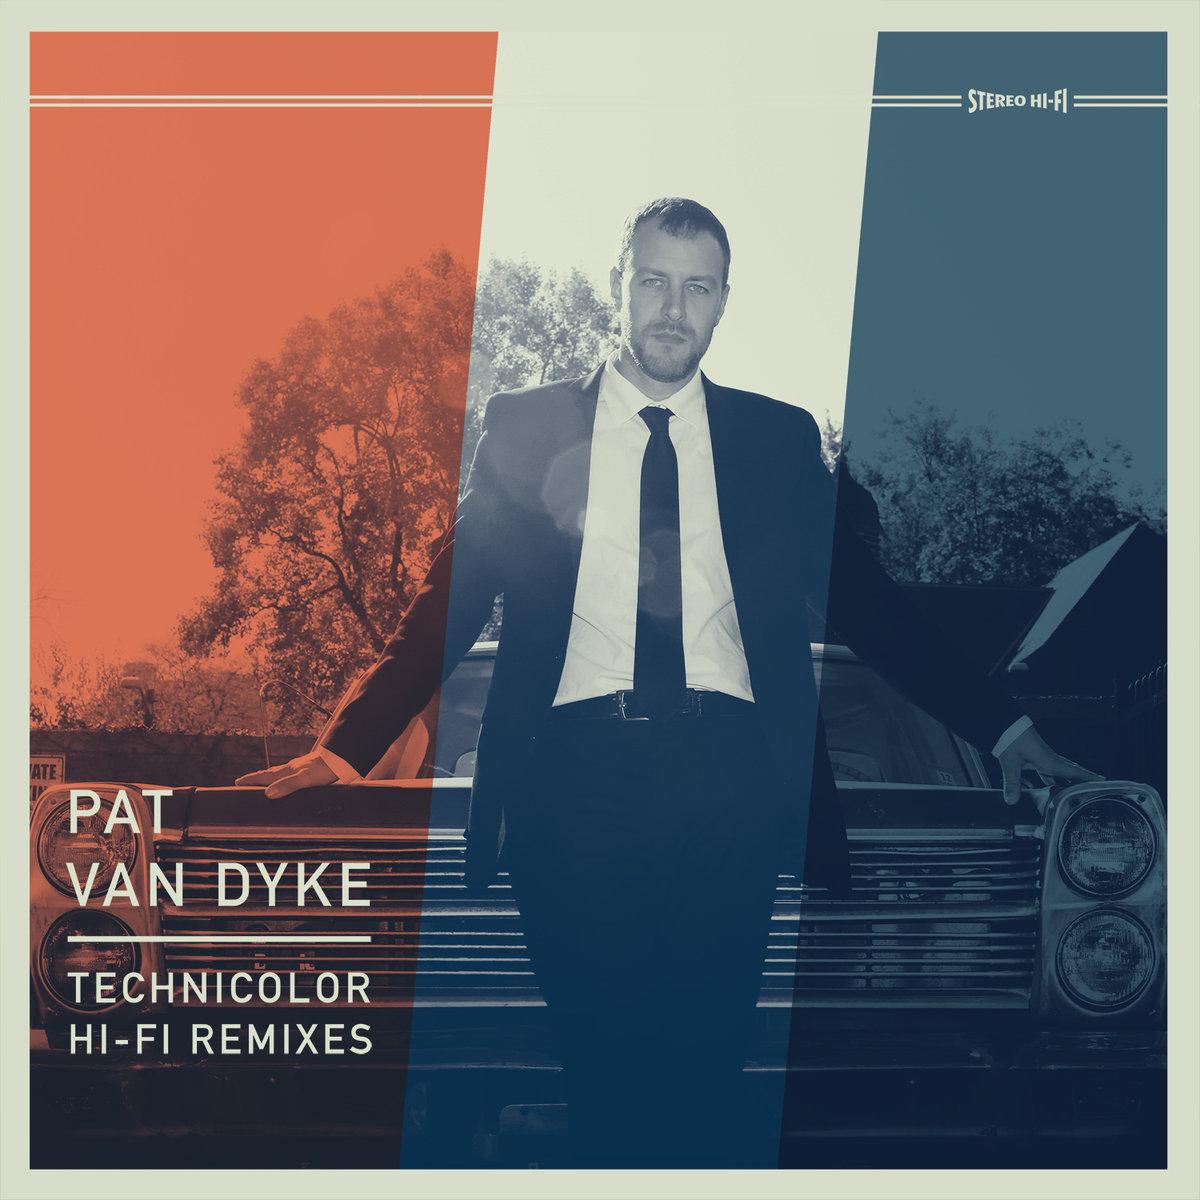 11. Pat Van Dyke - Technicolor Hi-Fi Remixes